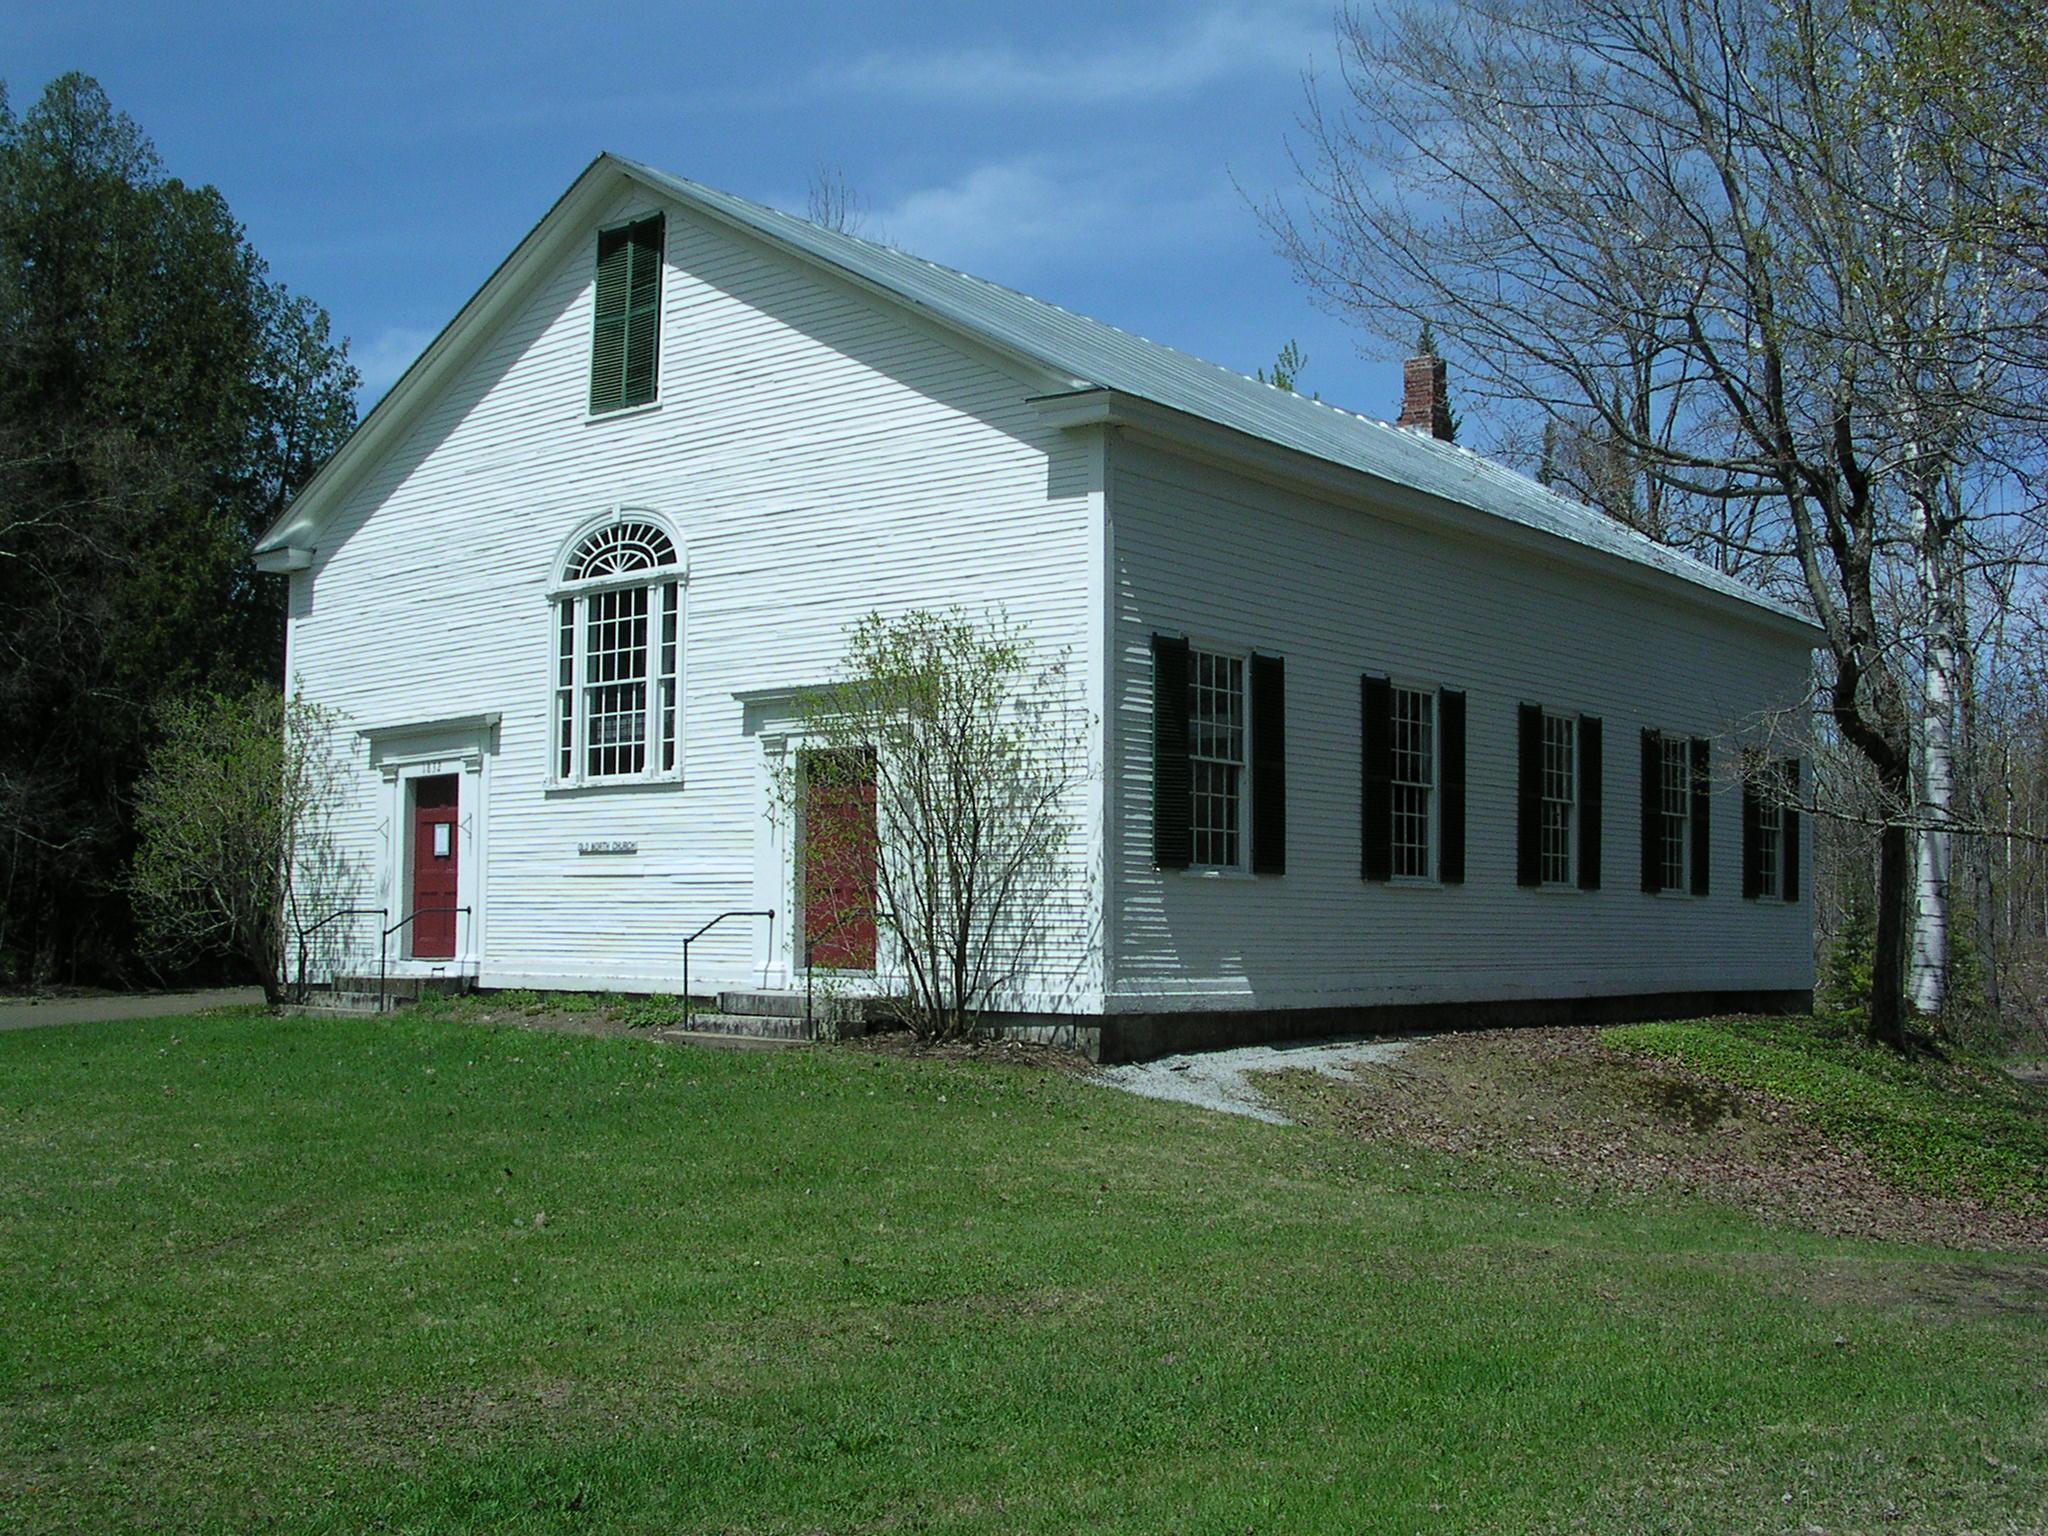 Danville Old North Church